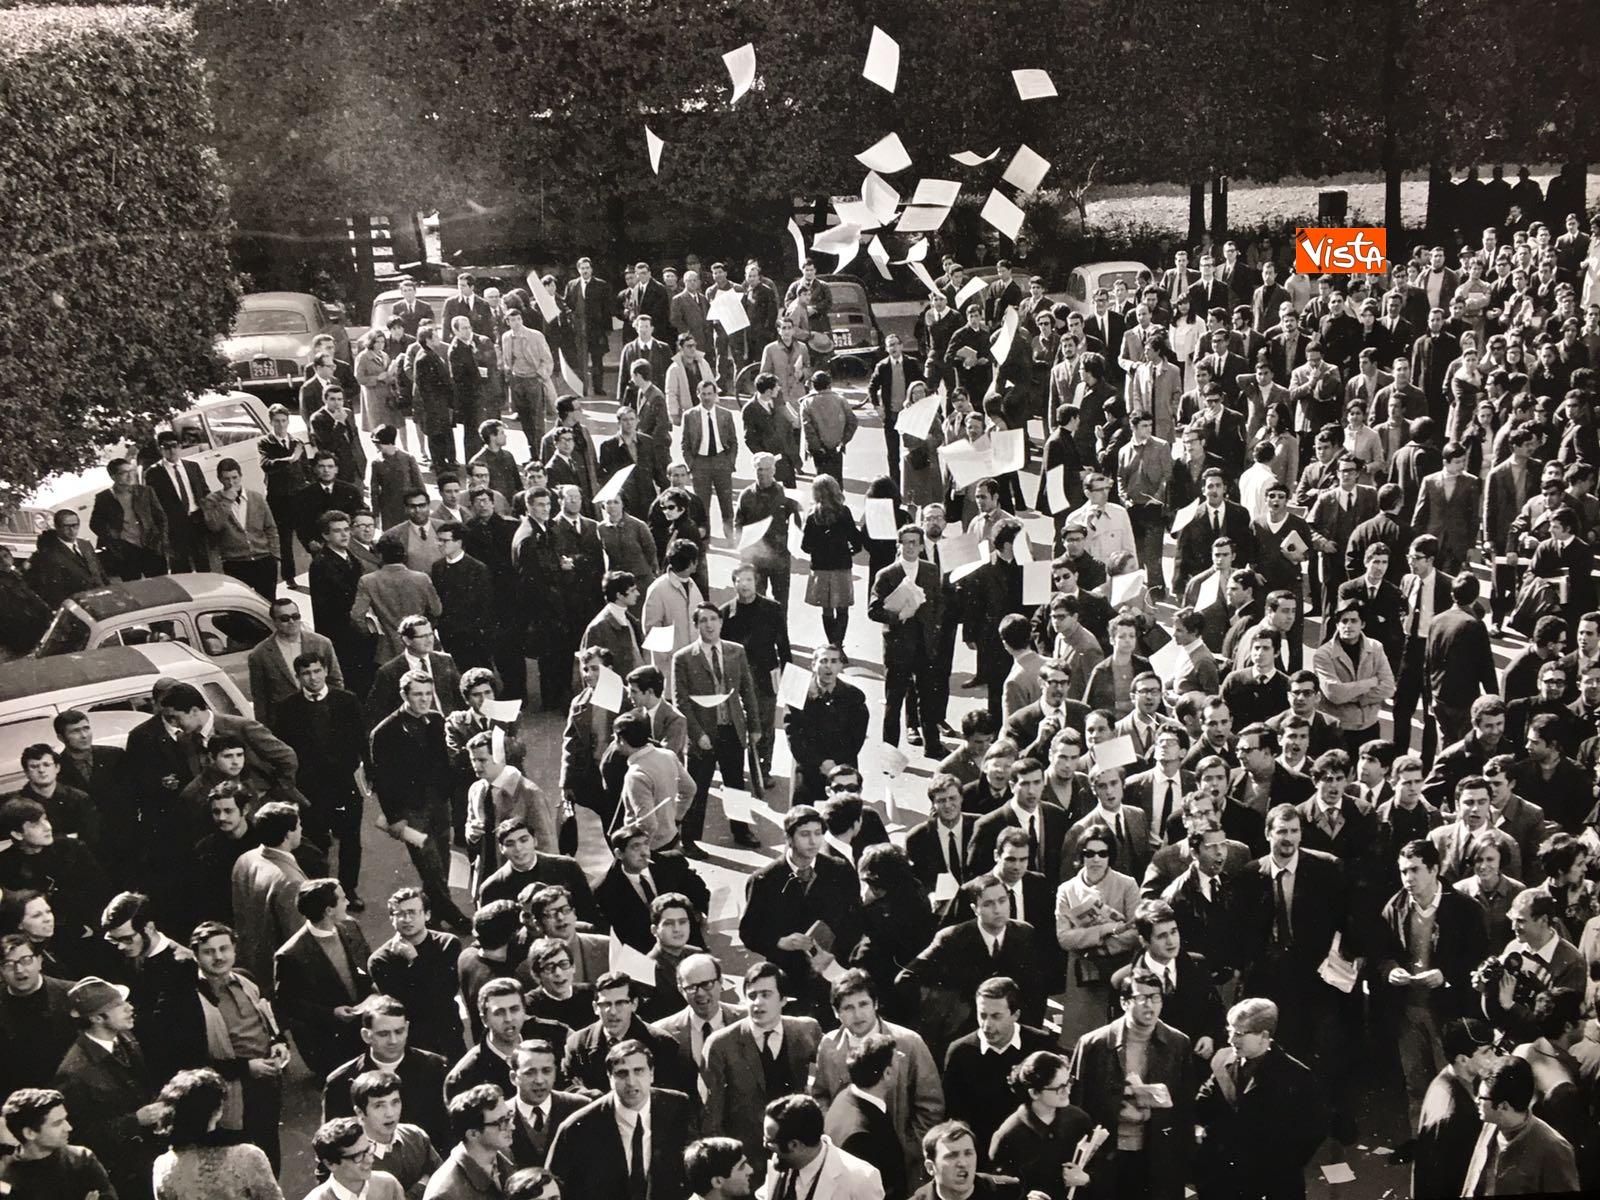 04-05-18 Dreamers1968 Le immagini della mostra organizzata dall AGI_19